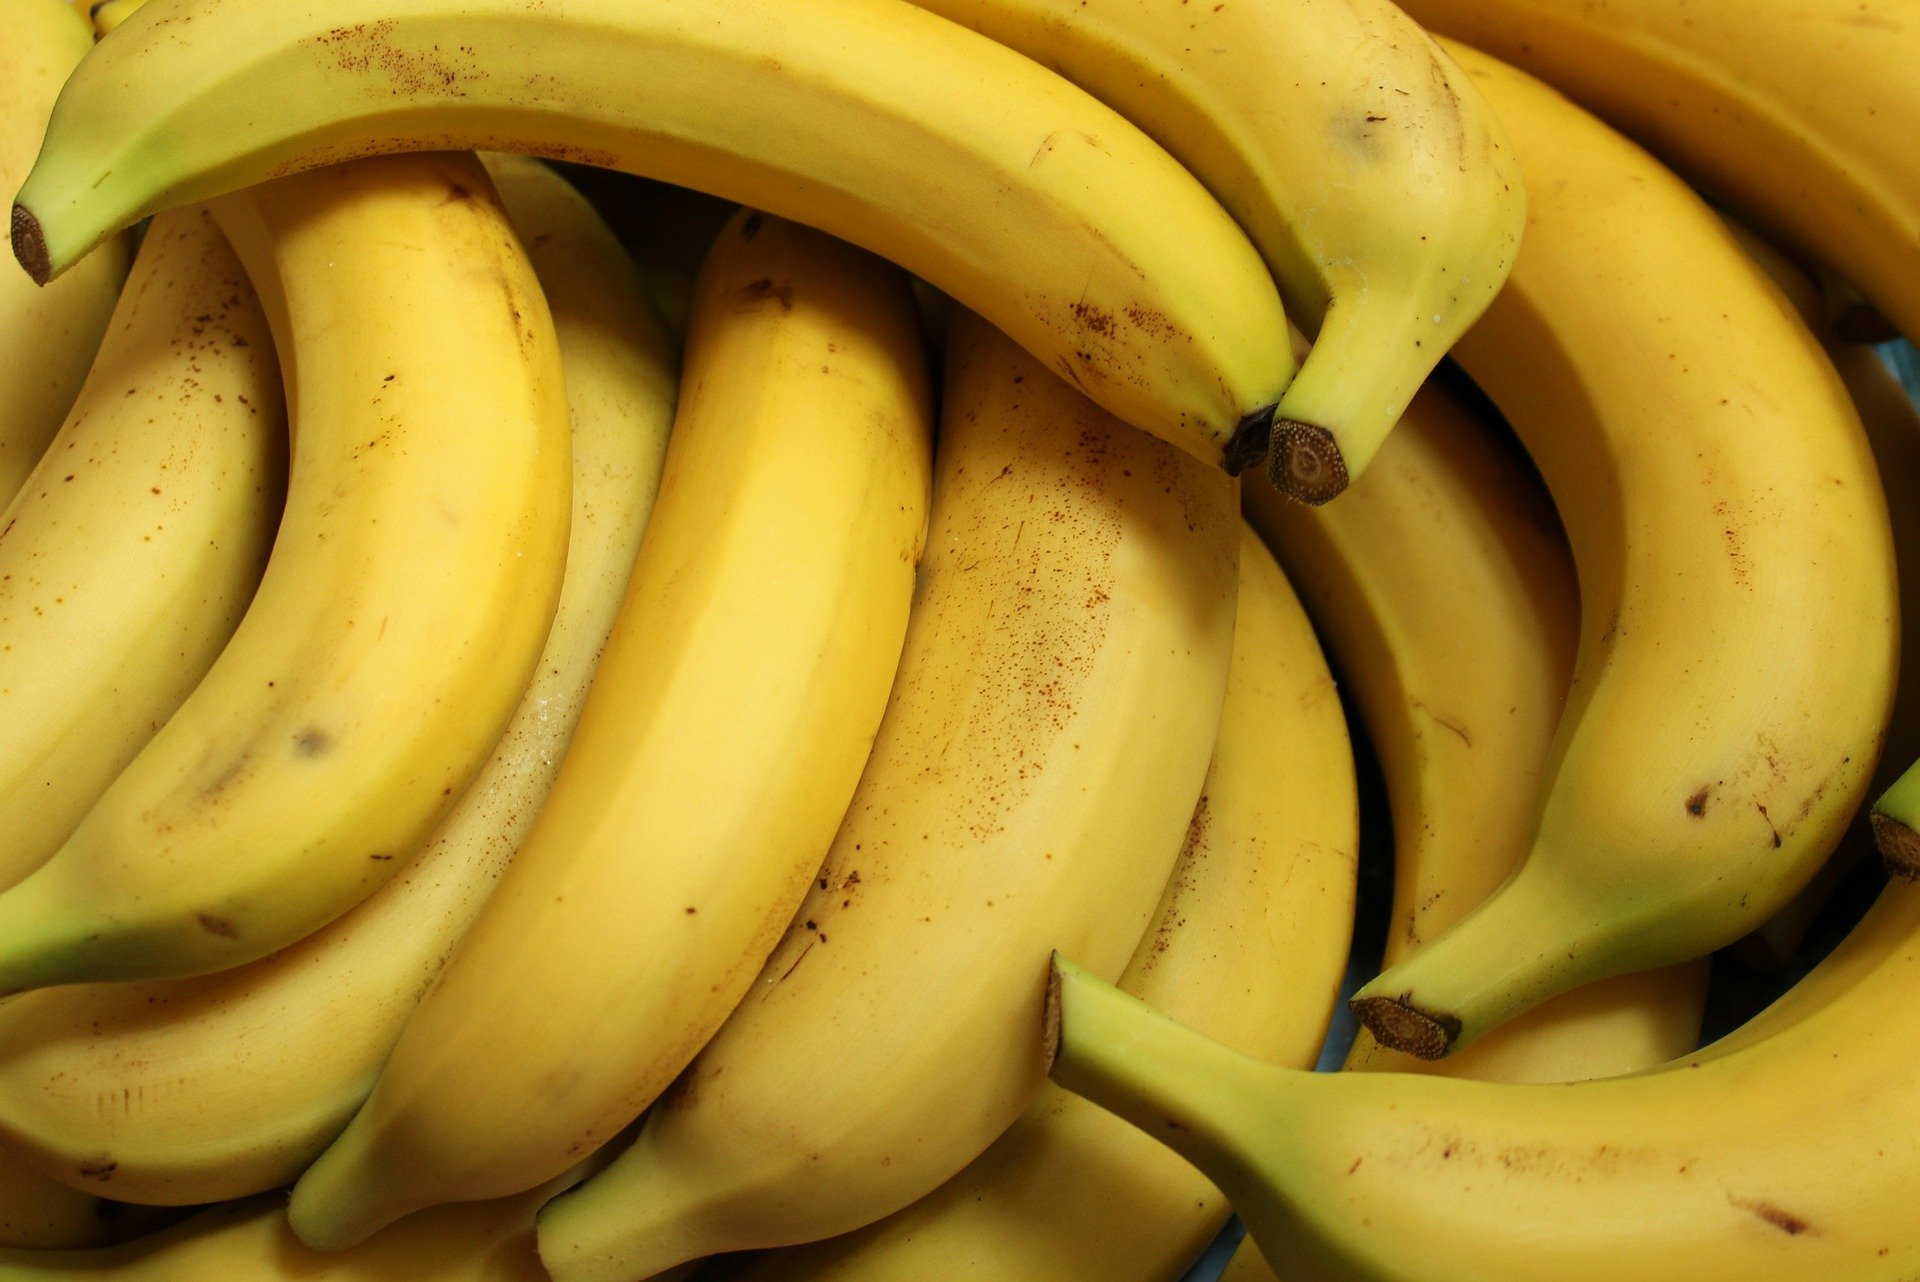 120.000-Dollar-Banane bei Stunt aufgegessen